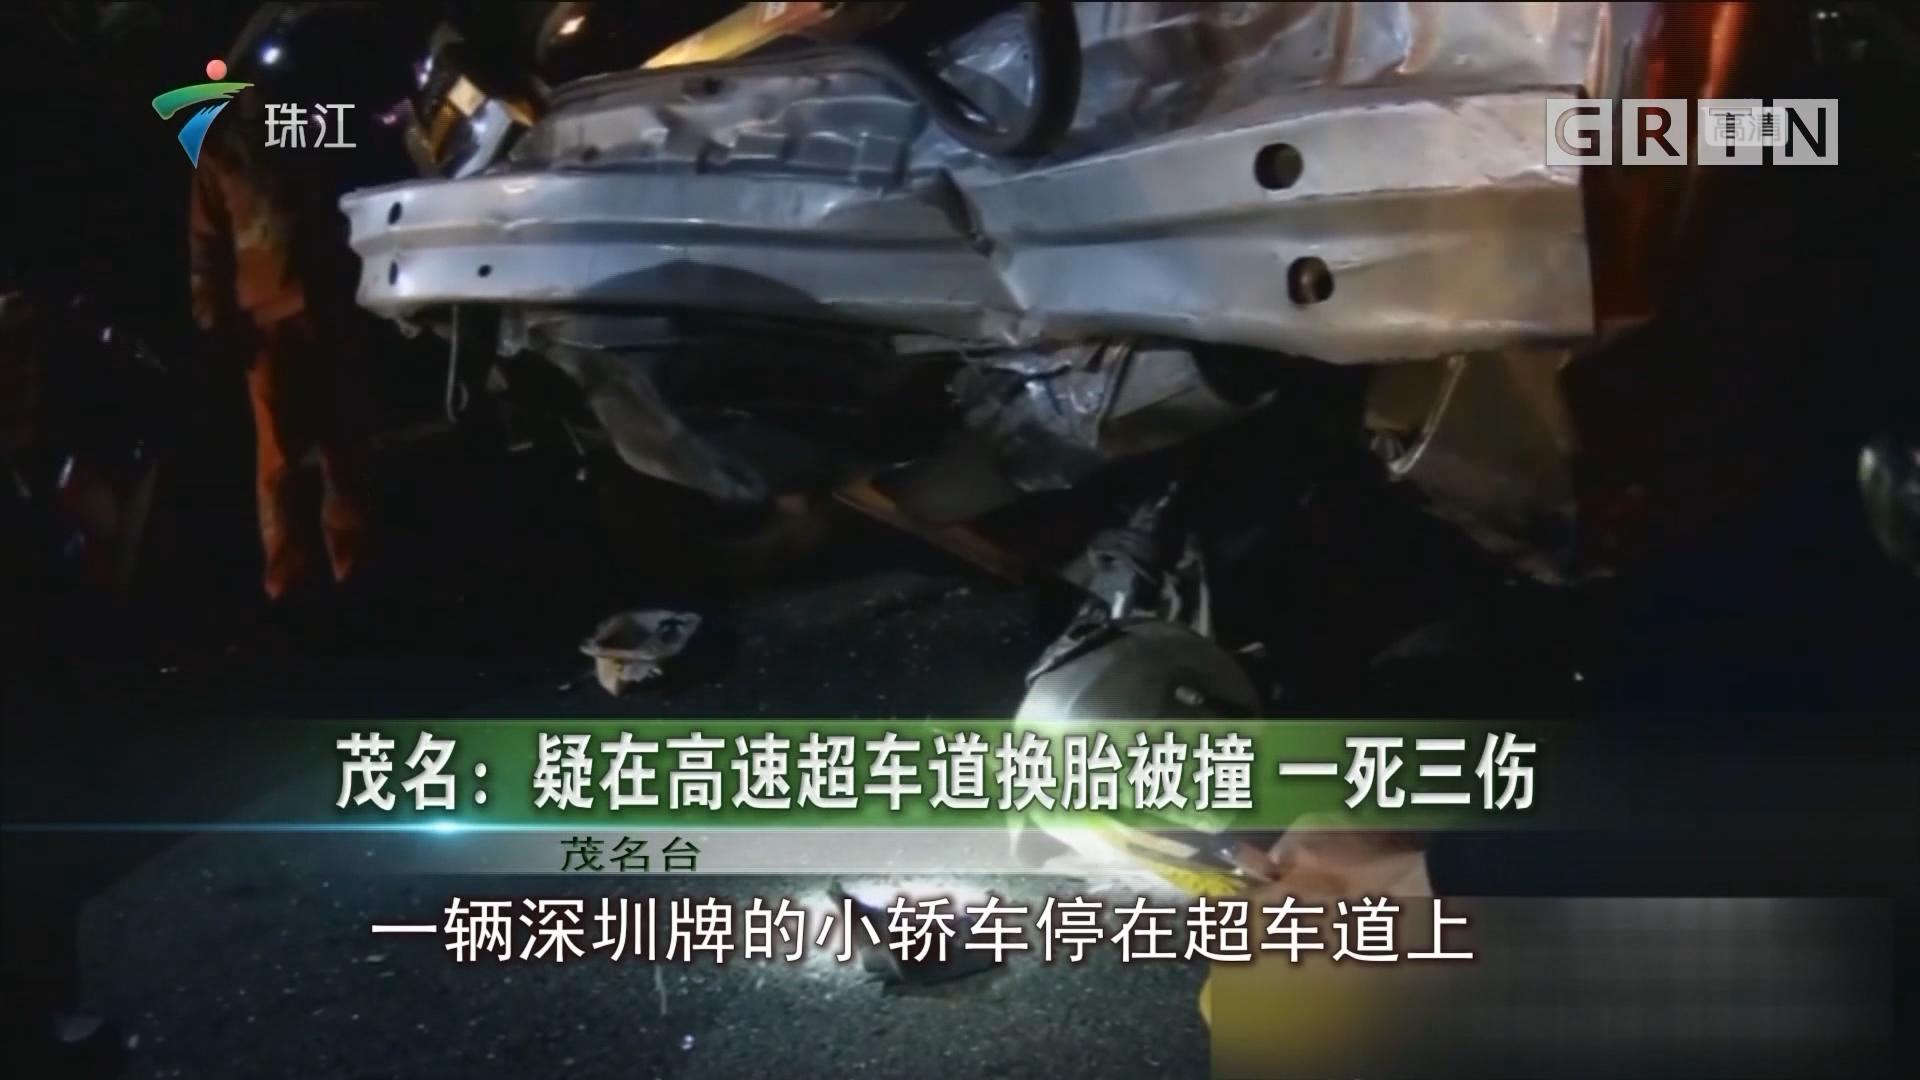 茂名:疑在高速超车道换胎被撞 一死三伤